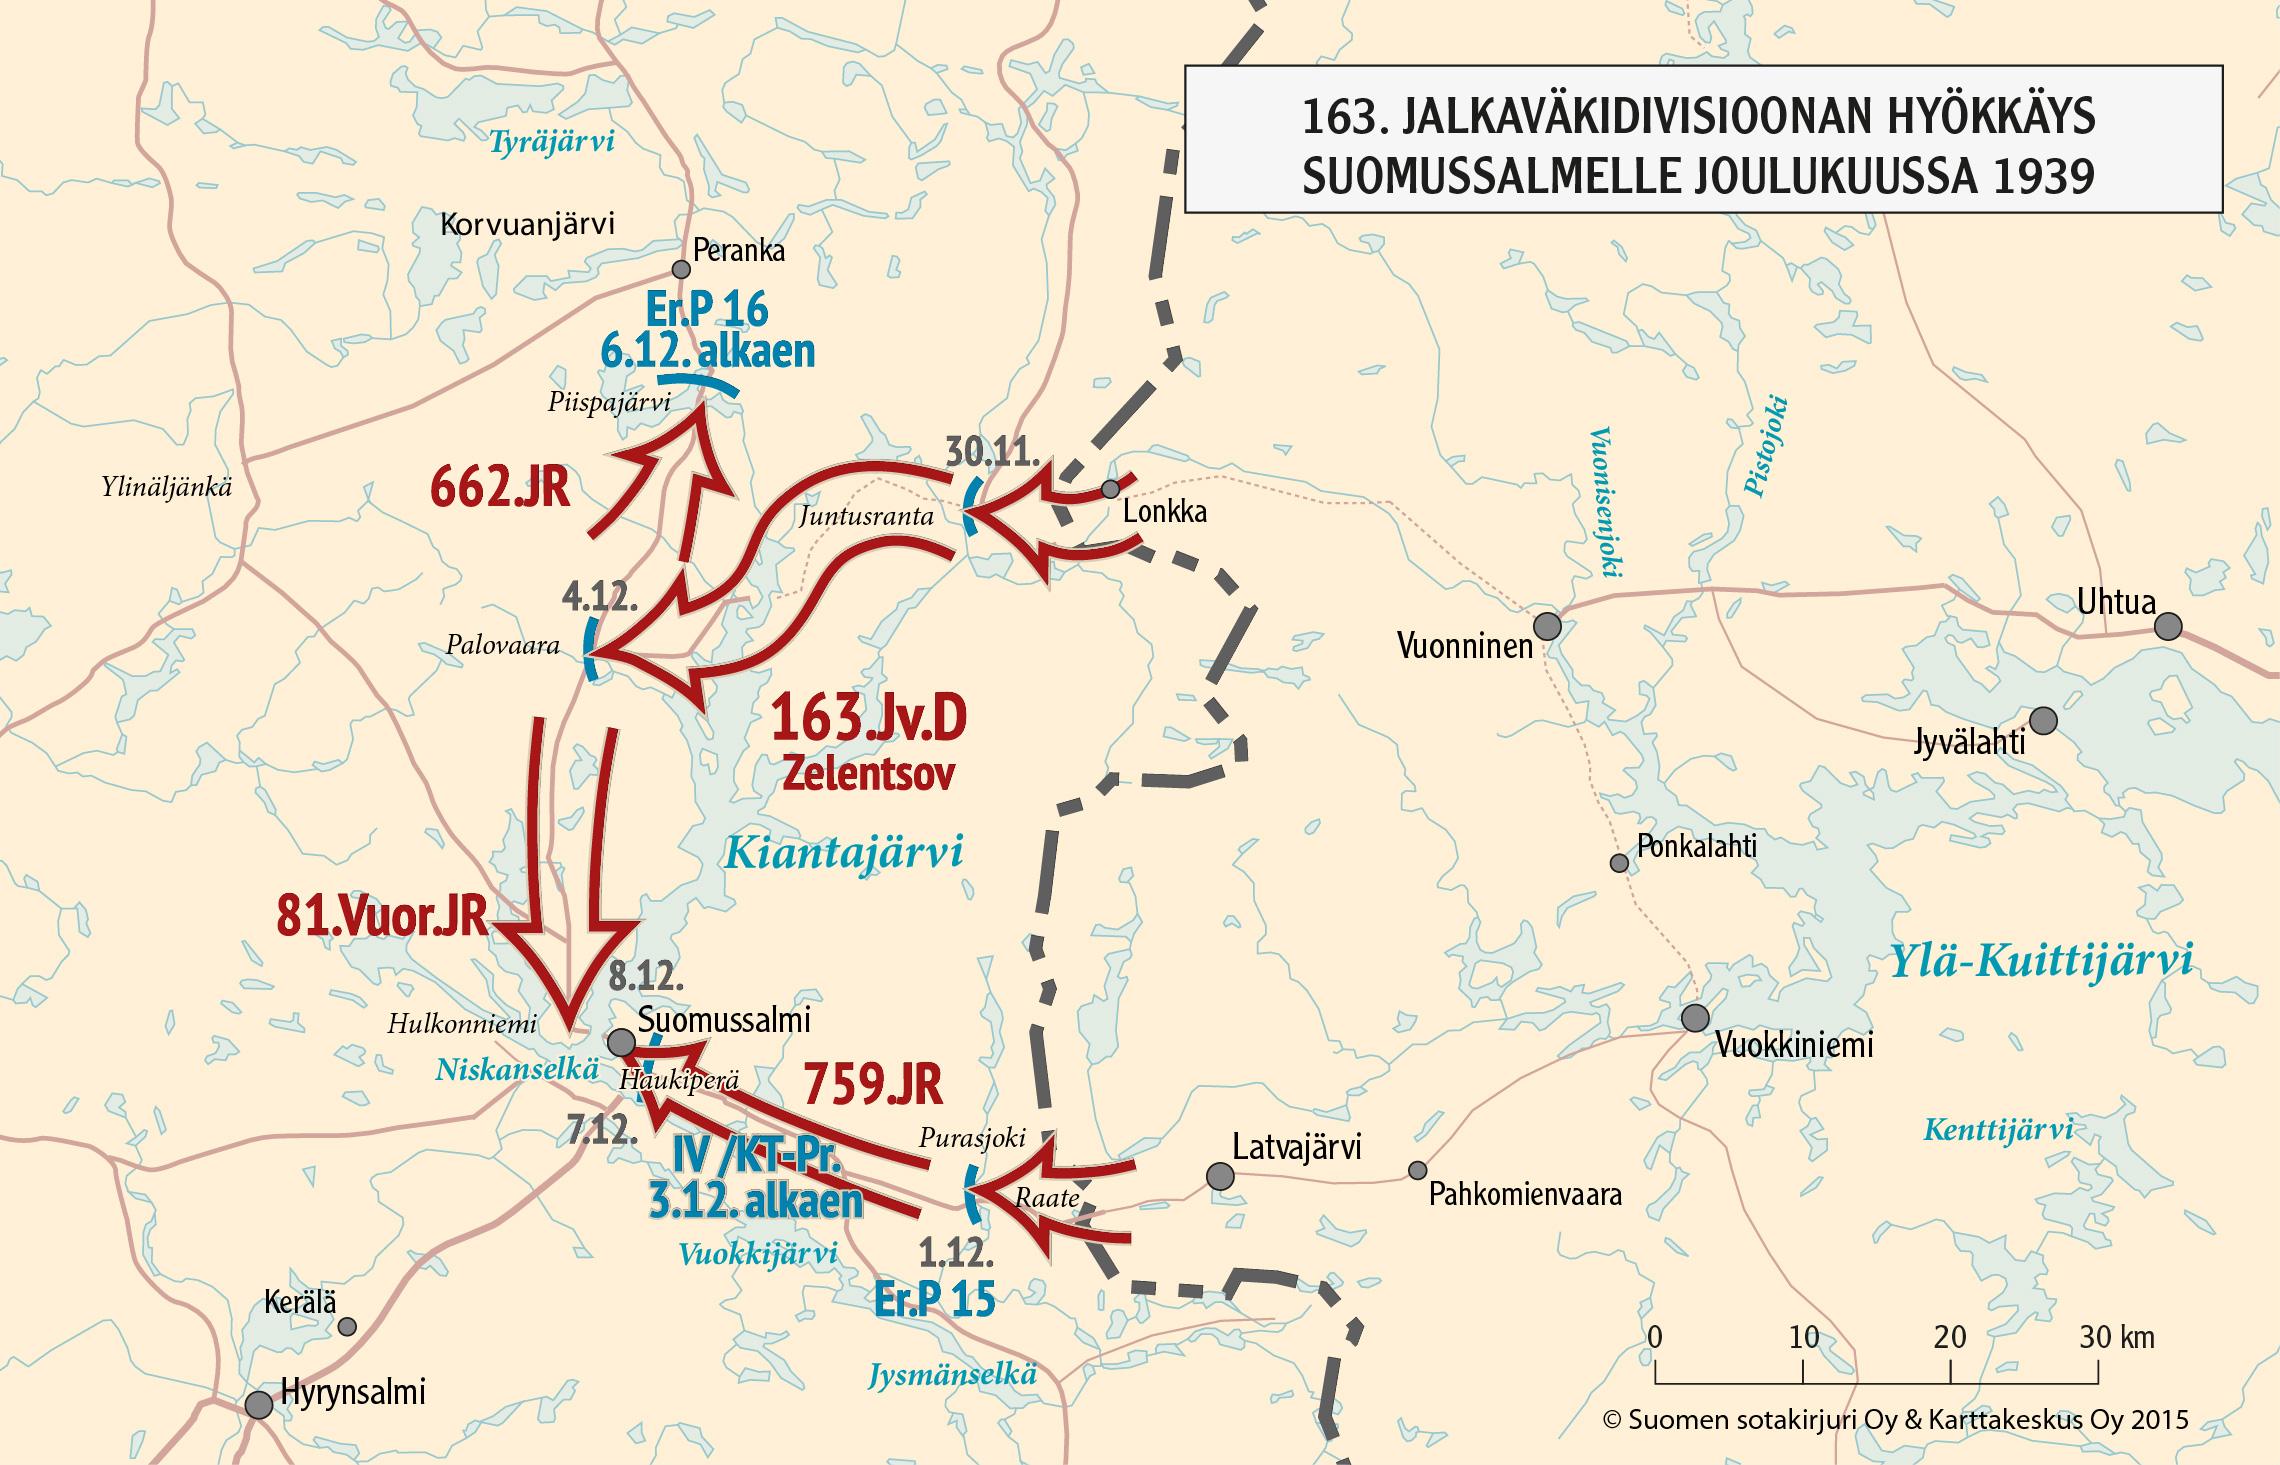 Suomussalmen Taistelut 1939 Talvisota